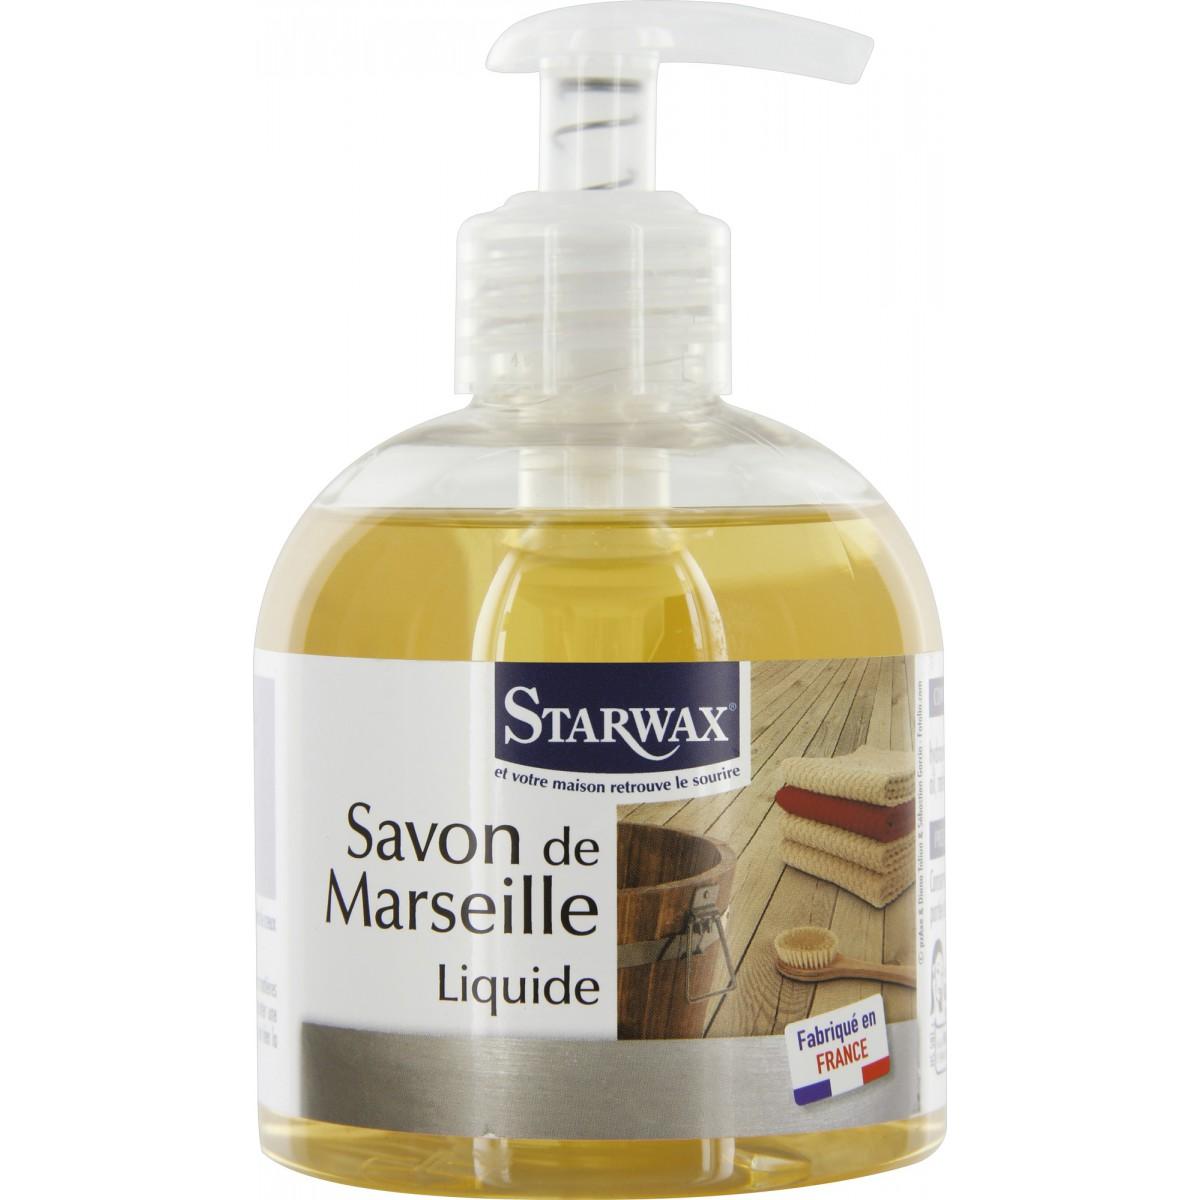 Savon de marseille liquide Starwax - Flacon pompe 300 ml